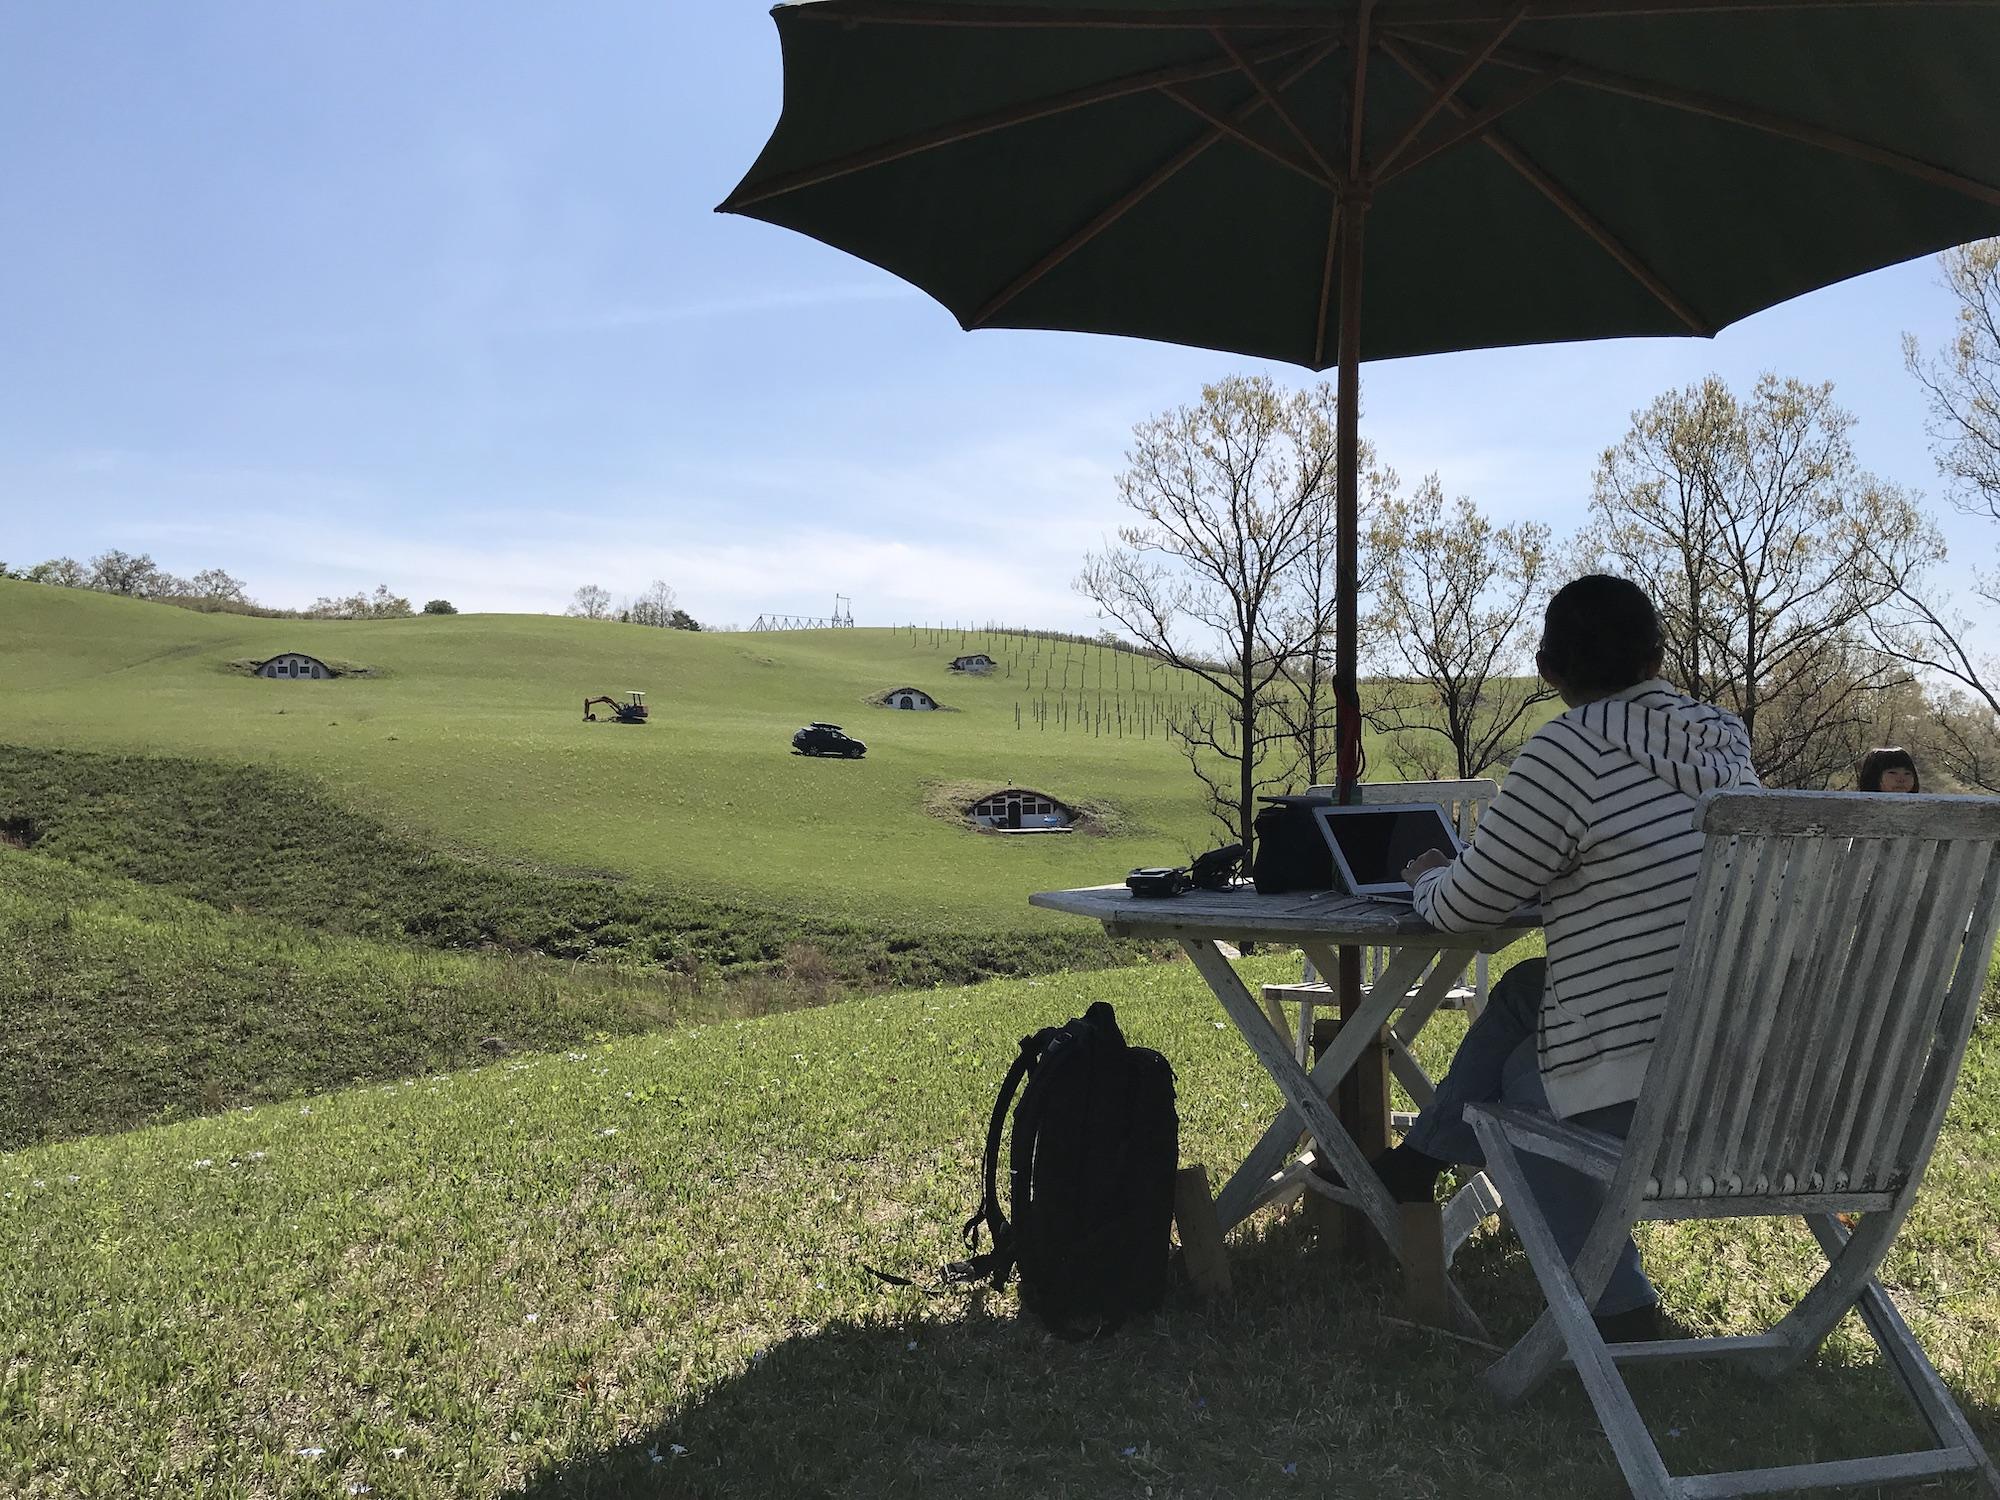 農場に置かれたテーブルで女性がPCを開いて仕事をしている。